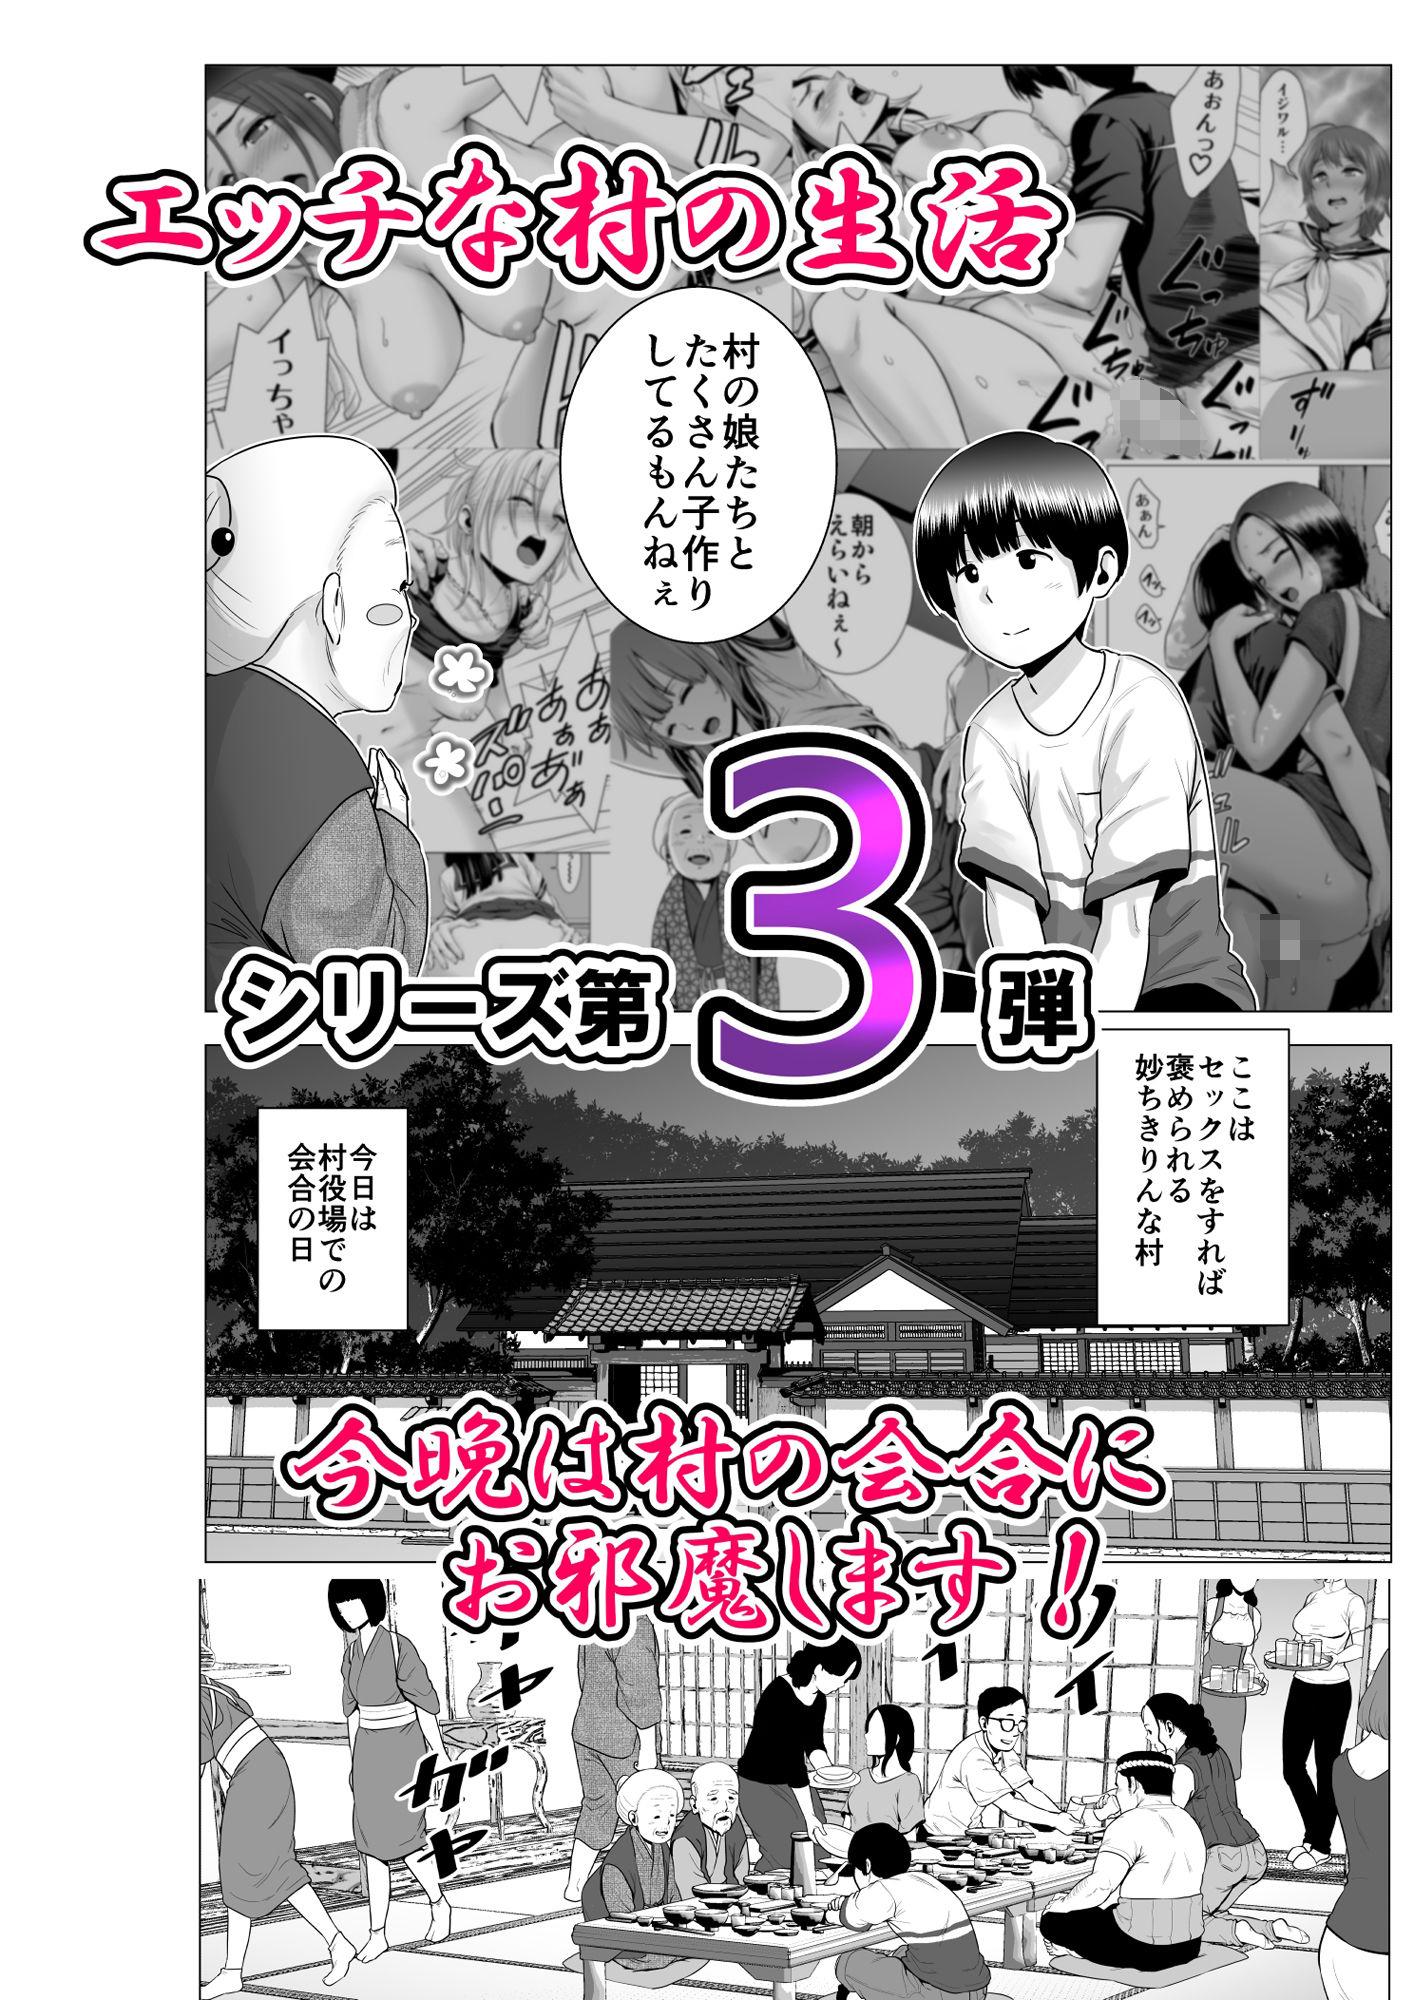 【エロ漫画】SEXをすればえらいような略奪 ハーレム村シリーズ第三弾が登場!「サークル:山雲」【同人誌・コミック】#1